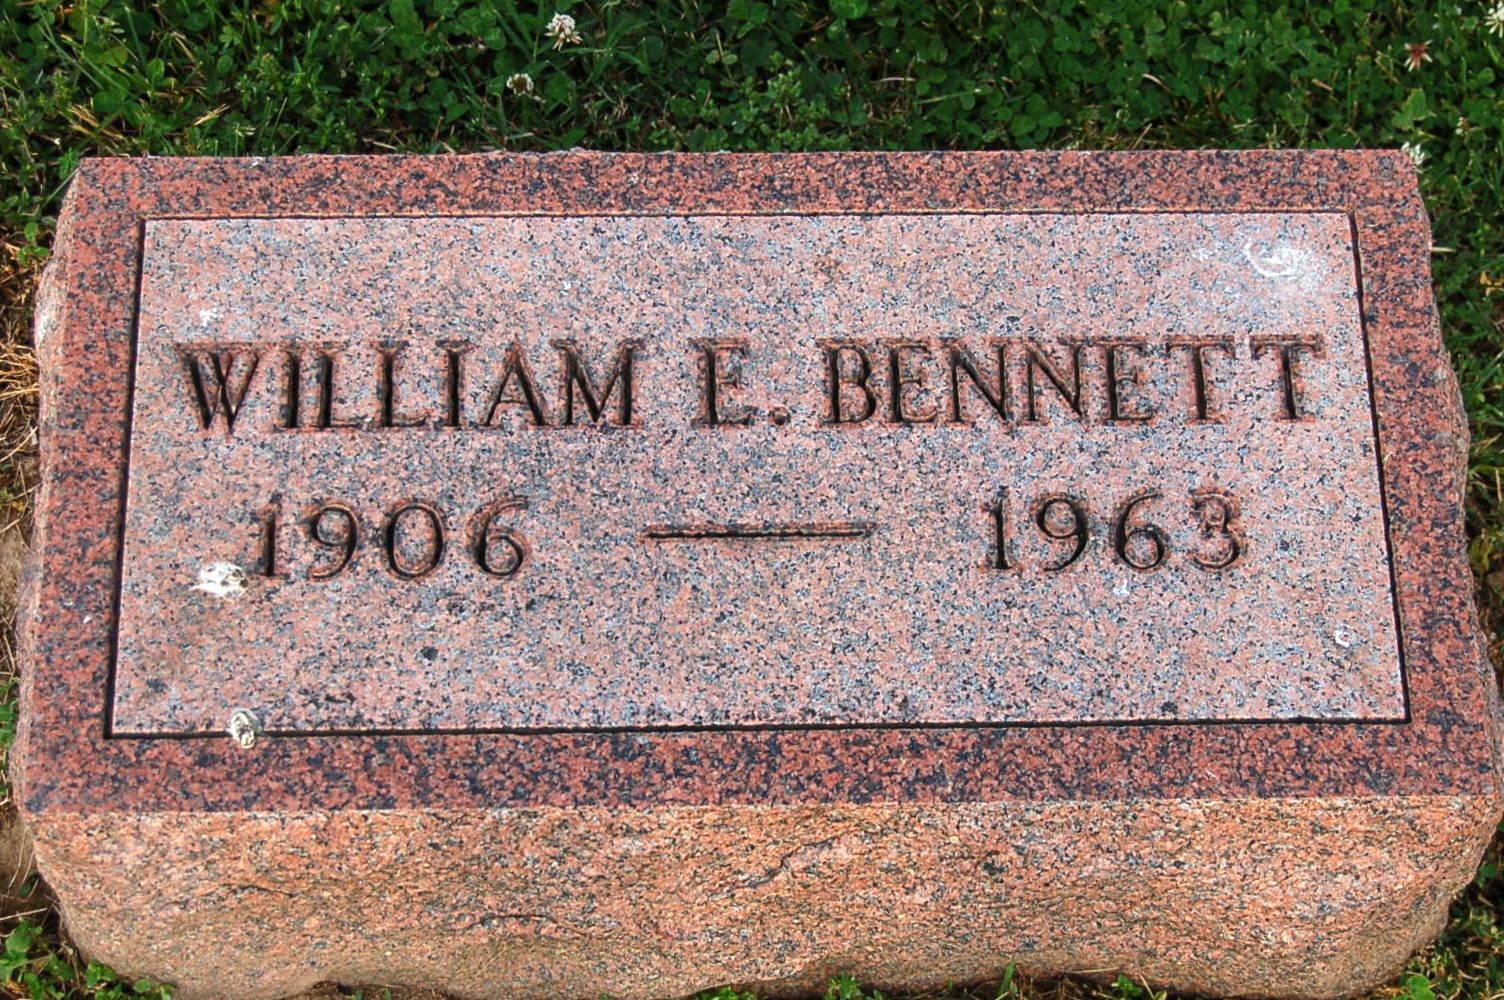 William E. Bennett